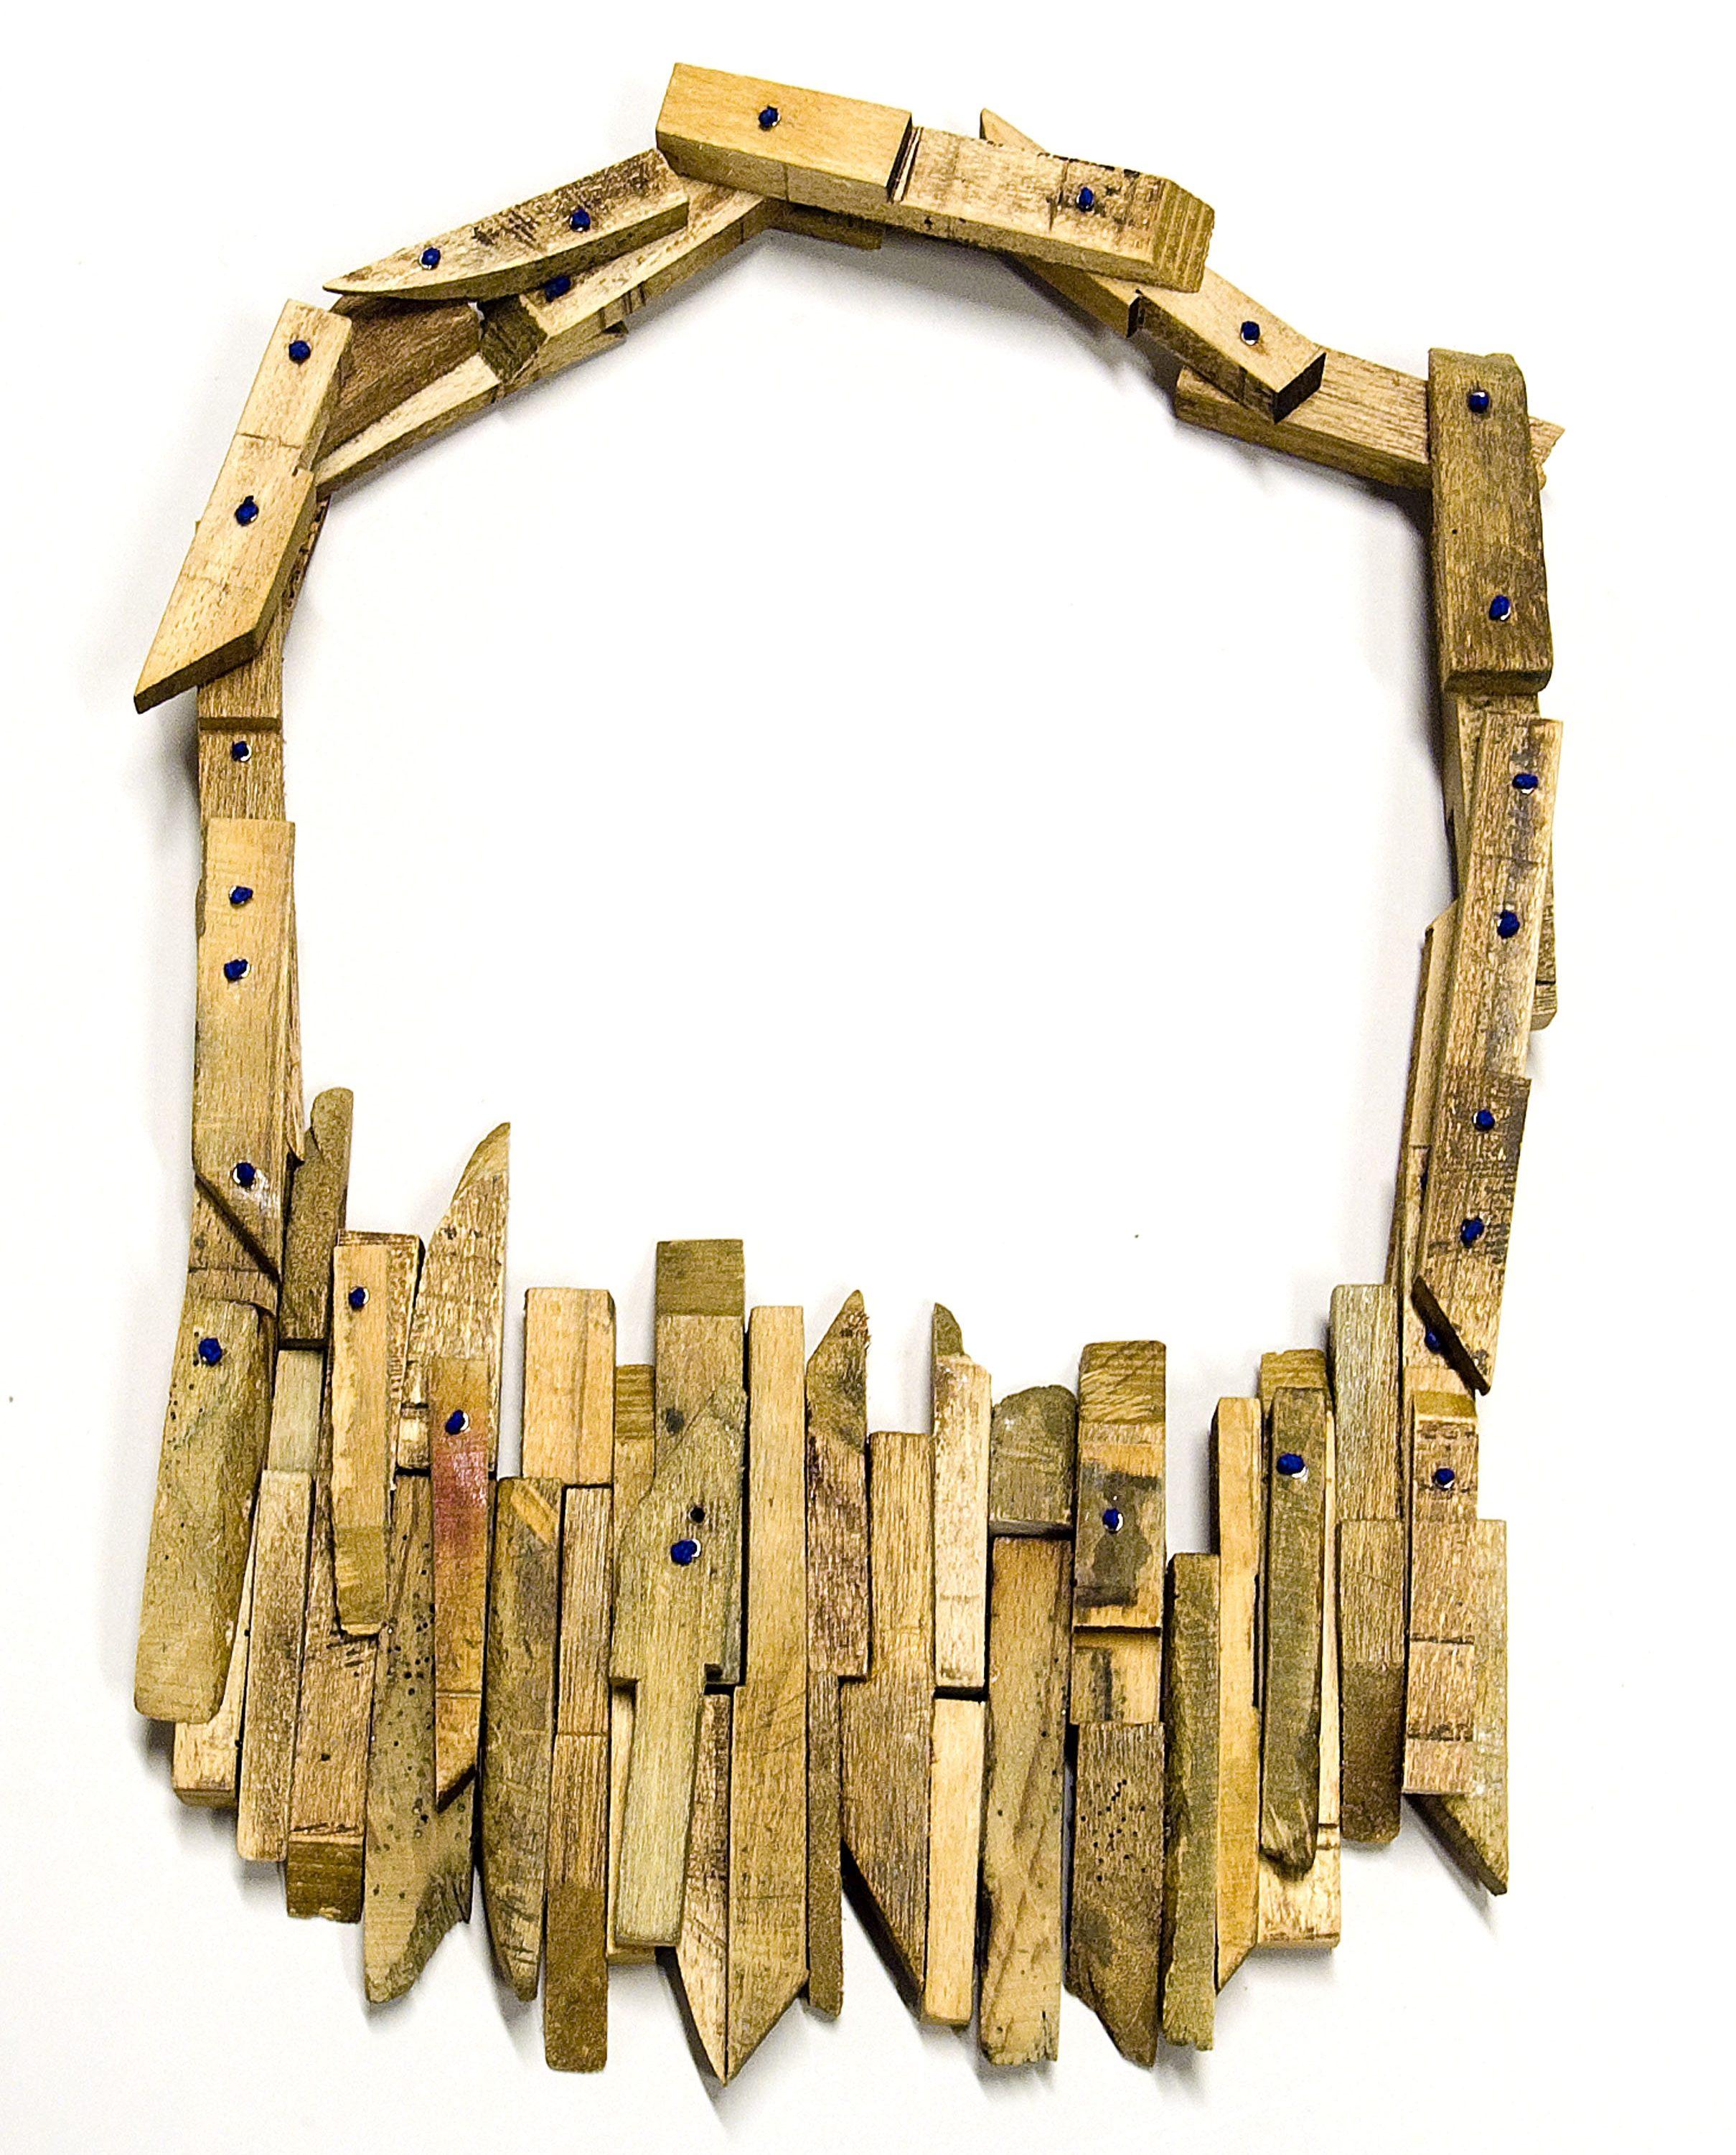 Alix Manon, Collection of the Present, halssieraad, 2011. Collectie CODA. Foto met dank aan CODA©